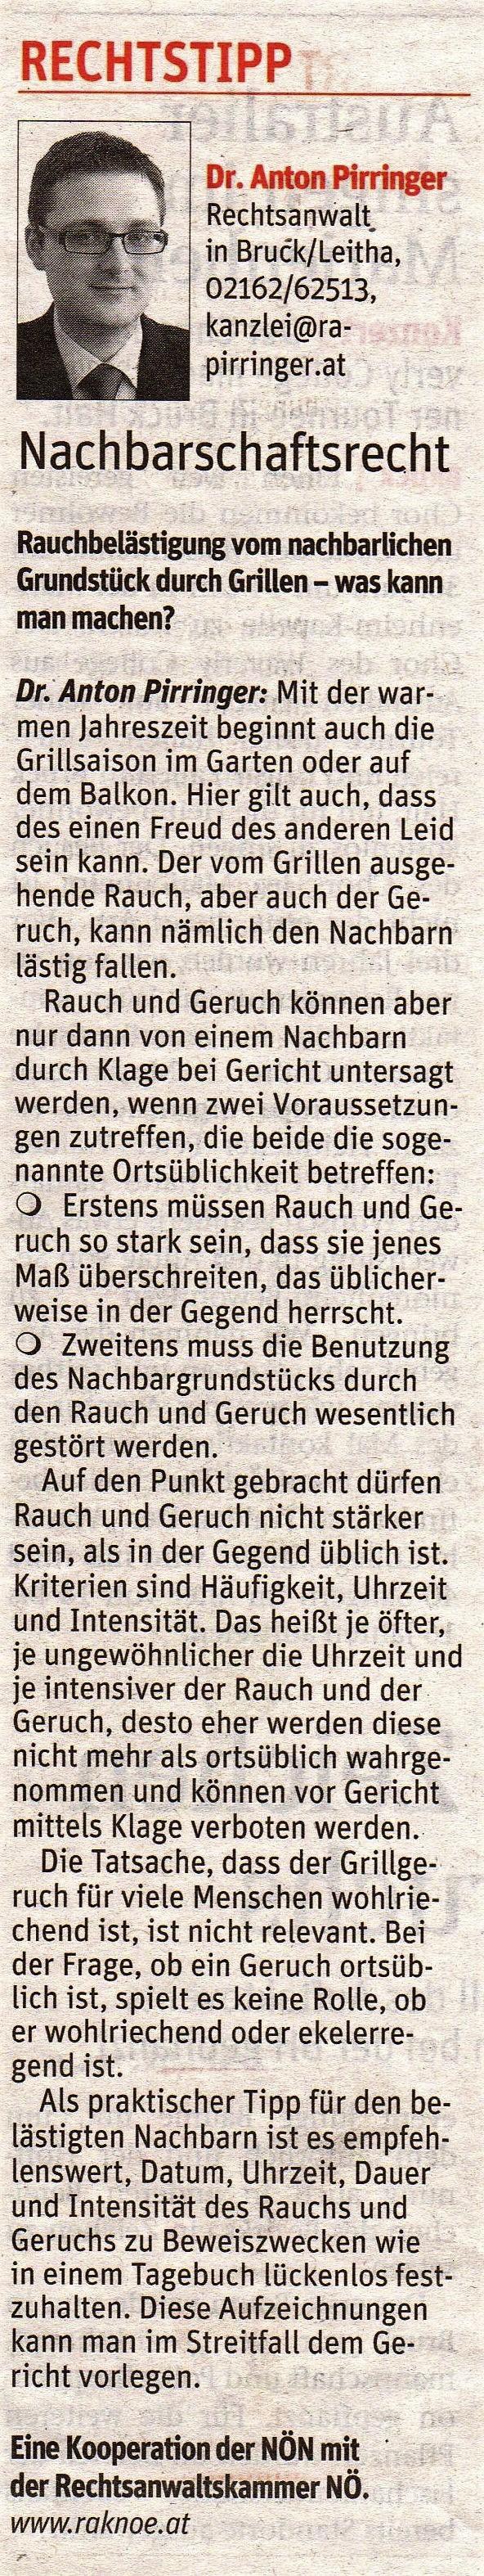 Kolumne Niederösterreichische Nachrichten Nr. 25 am 20.Juni 2018 Dr. Anton Pirringer